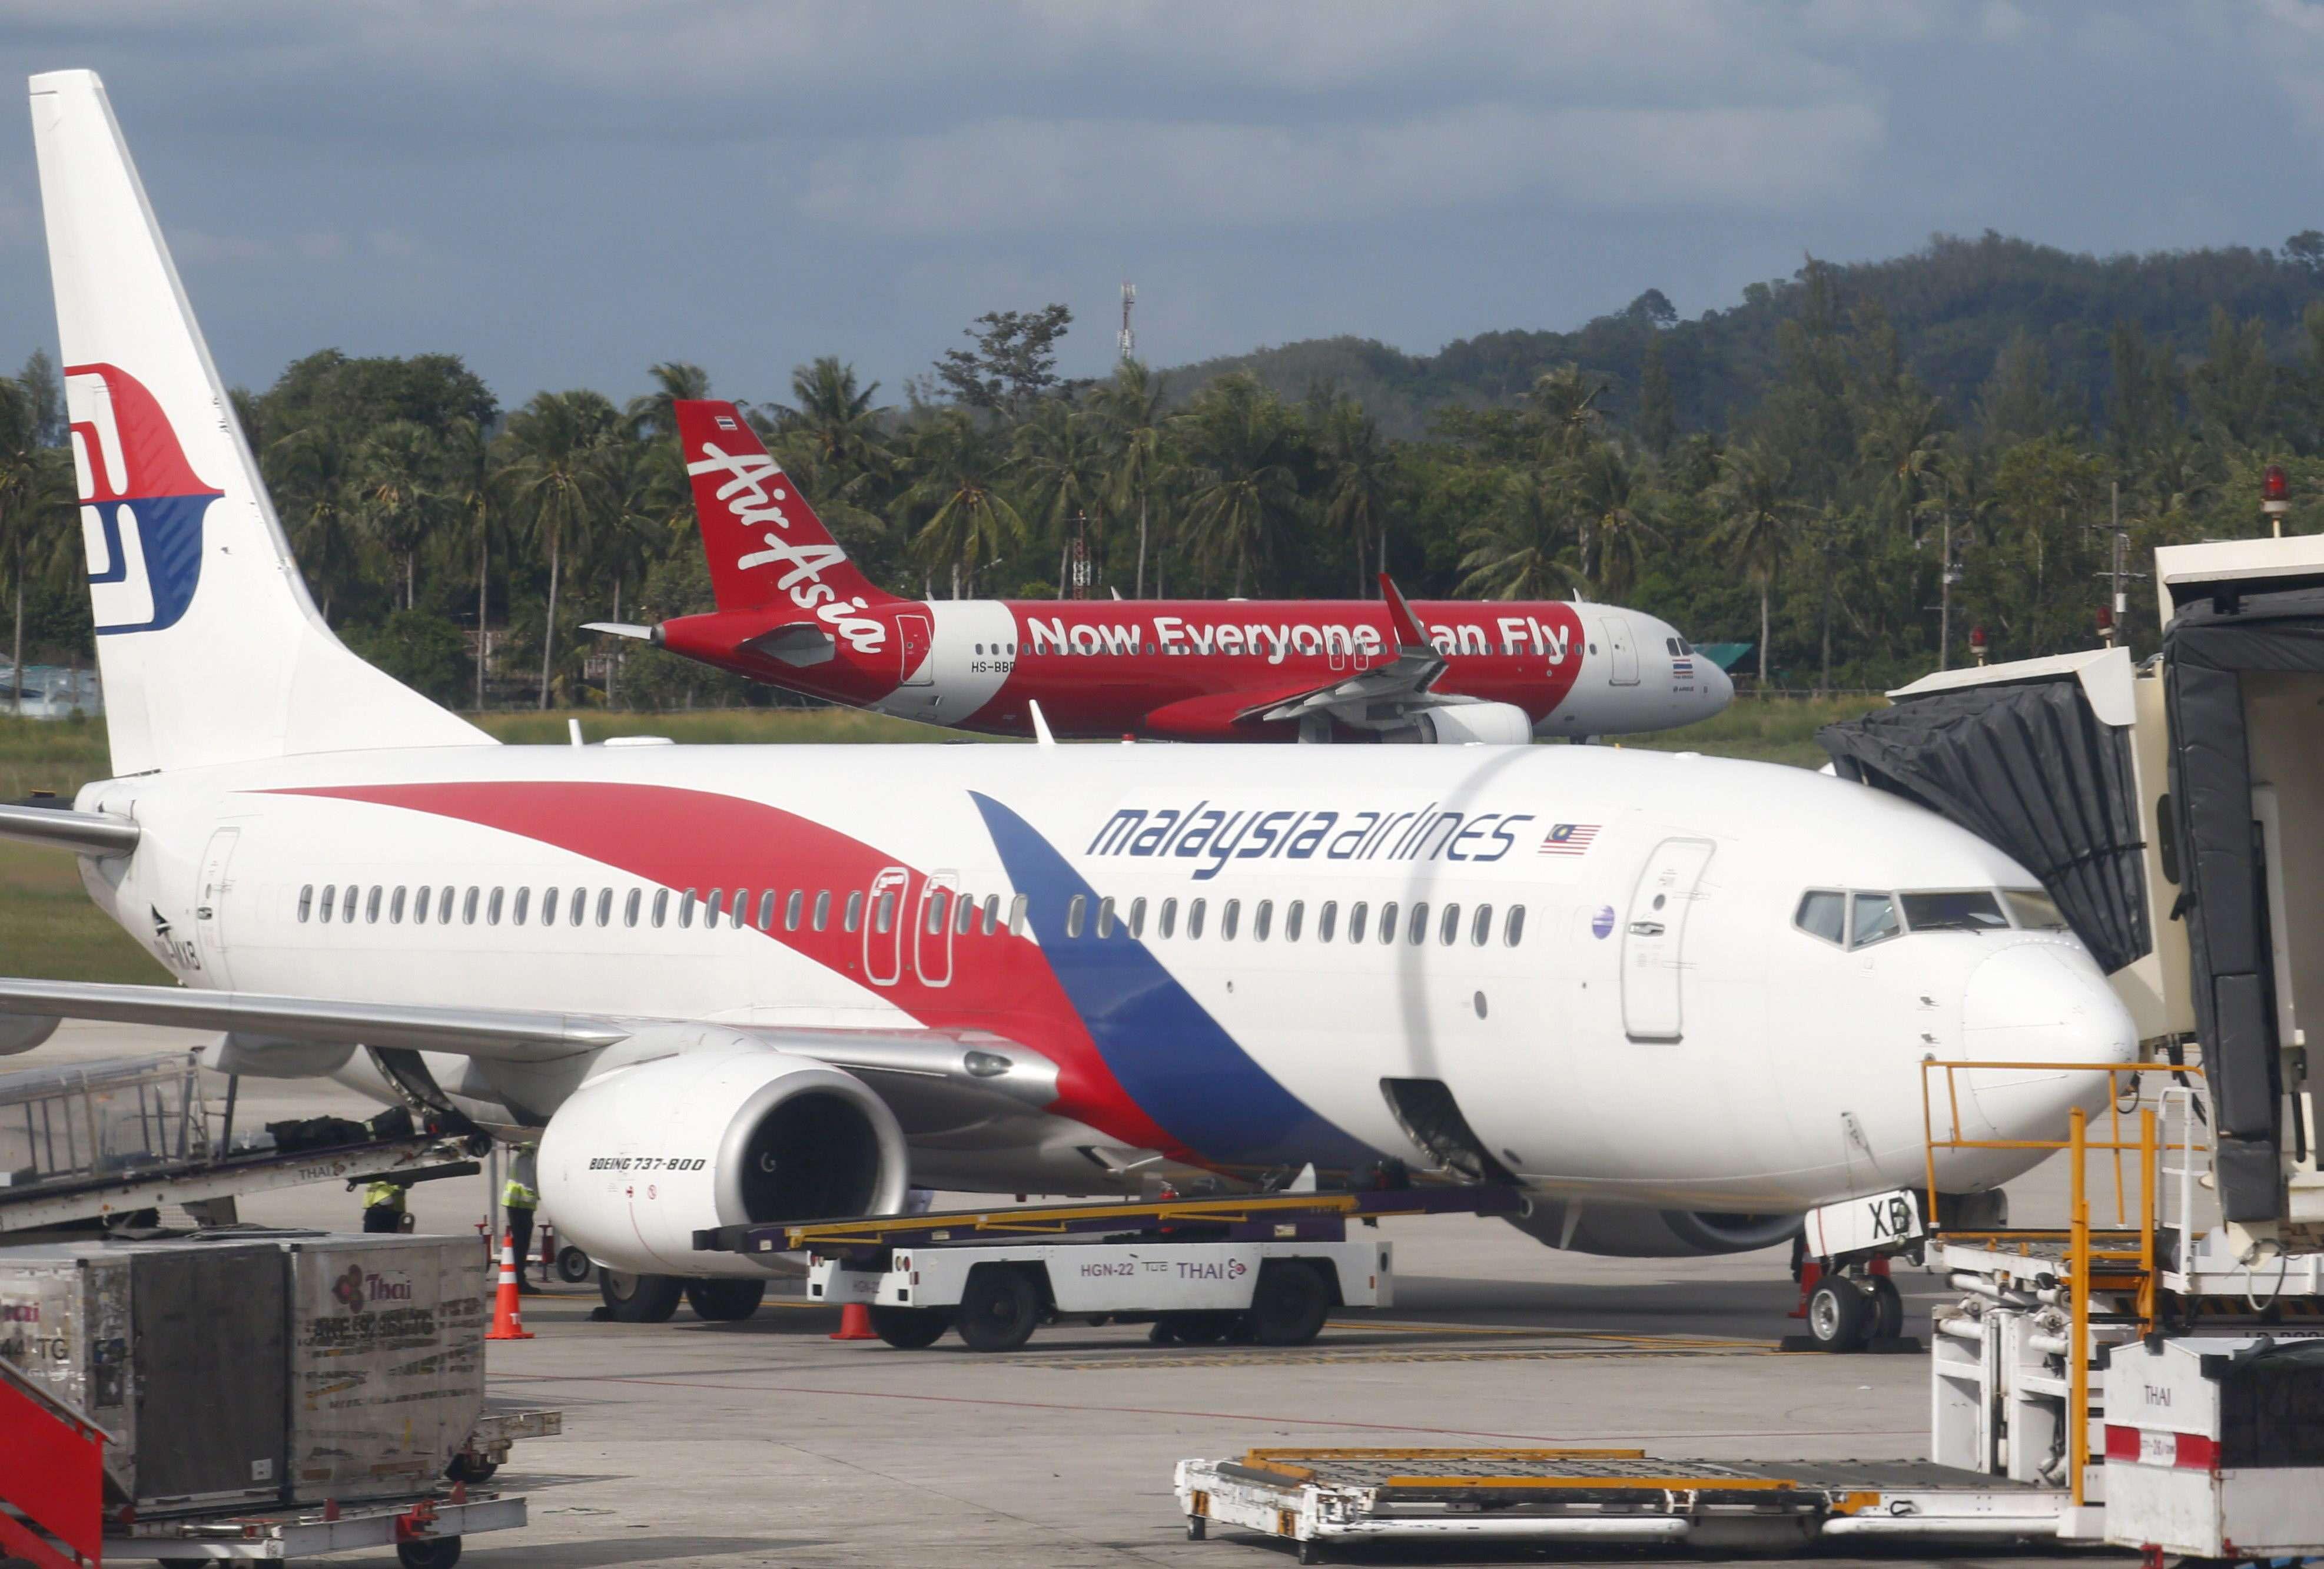 Un avión de AirAsia (al fondo) a punto de despegar. Foto: EFE en español